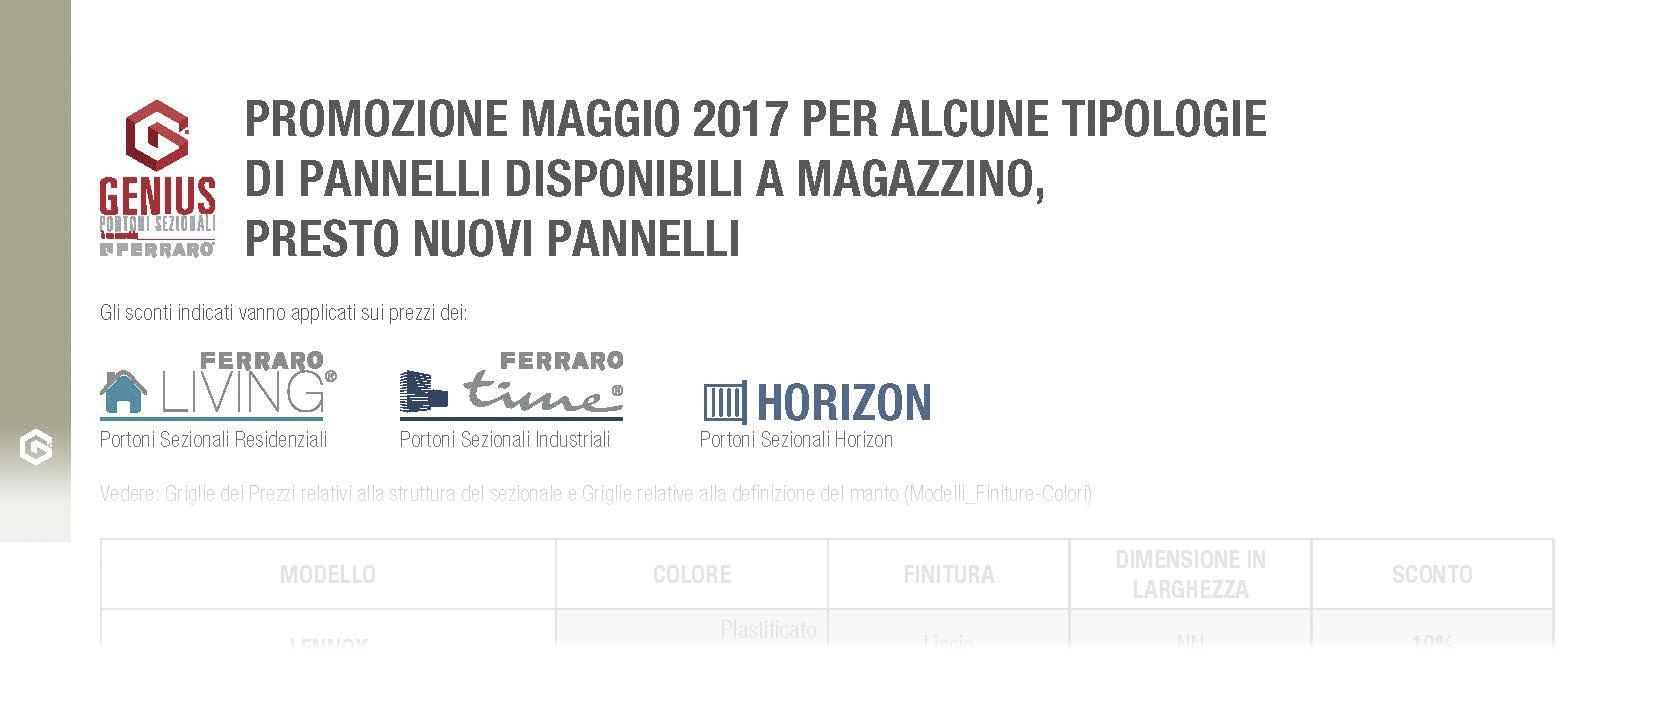 Promozione Maggio 2017 – Sconti dal 5% al 20%